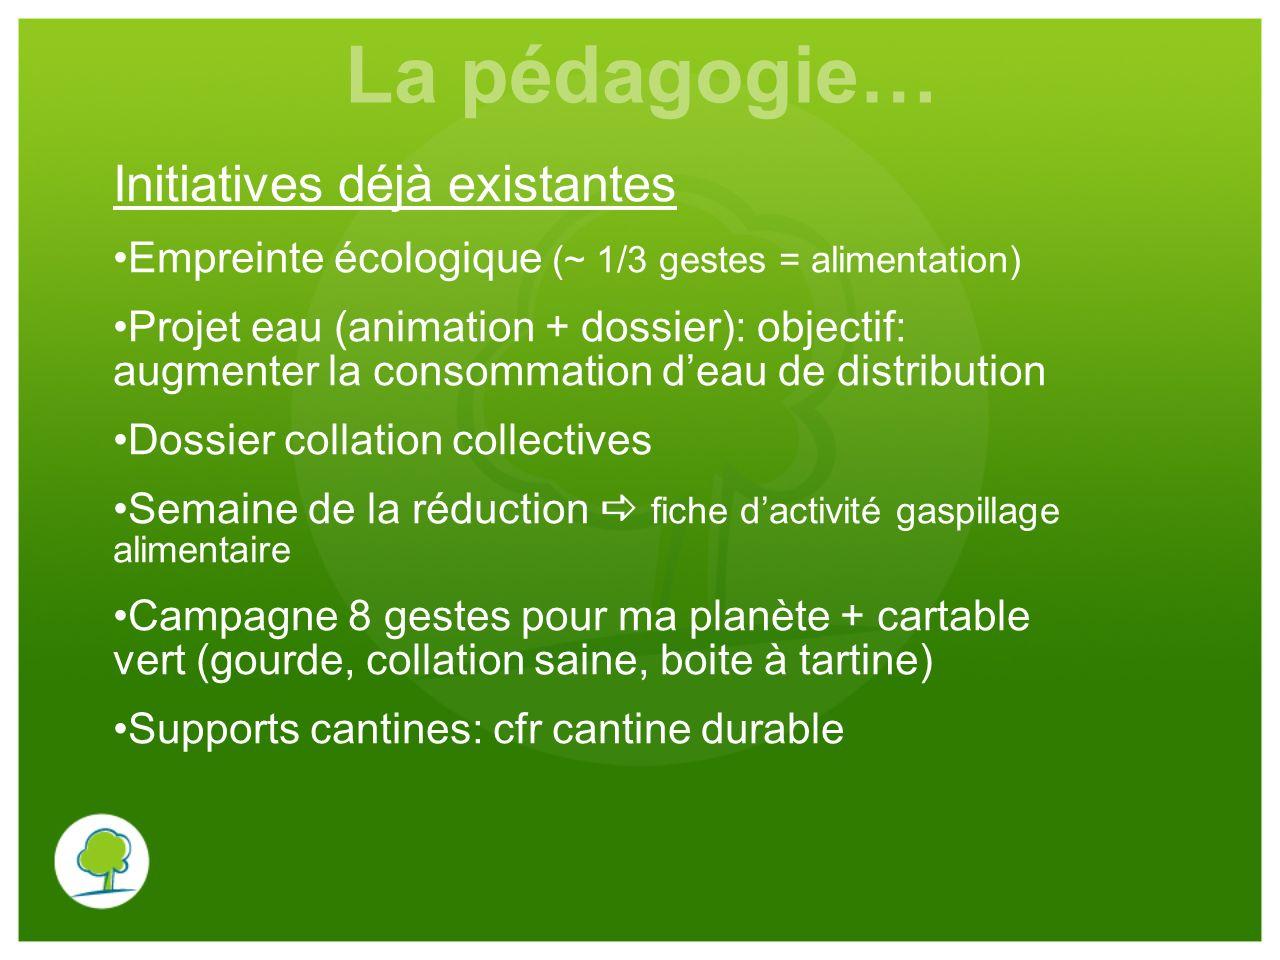 La pédagogie… Initiatives déjà existantes